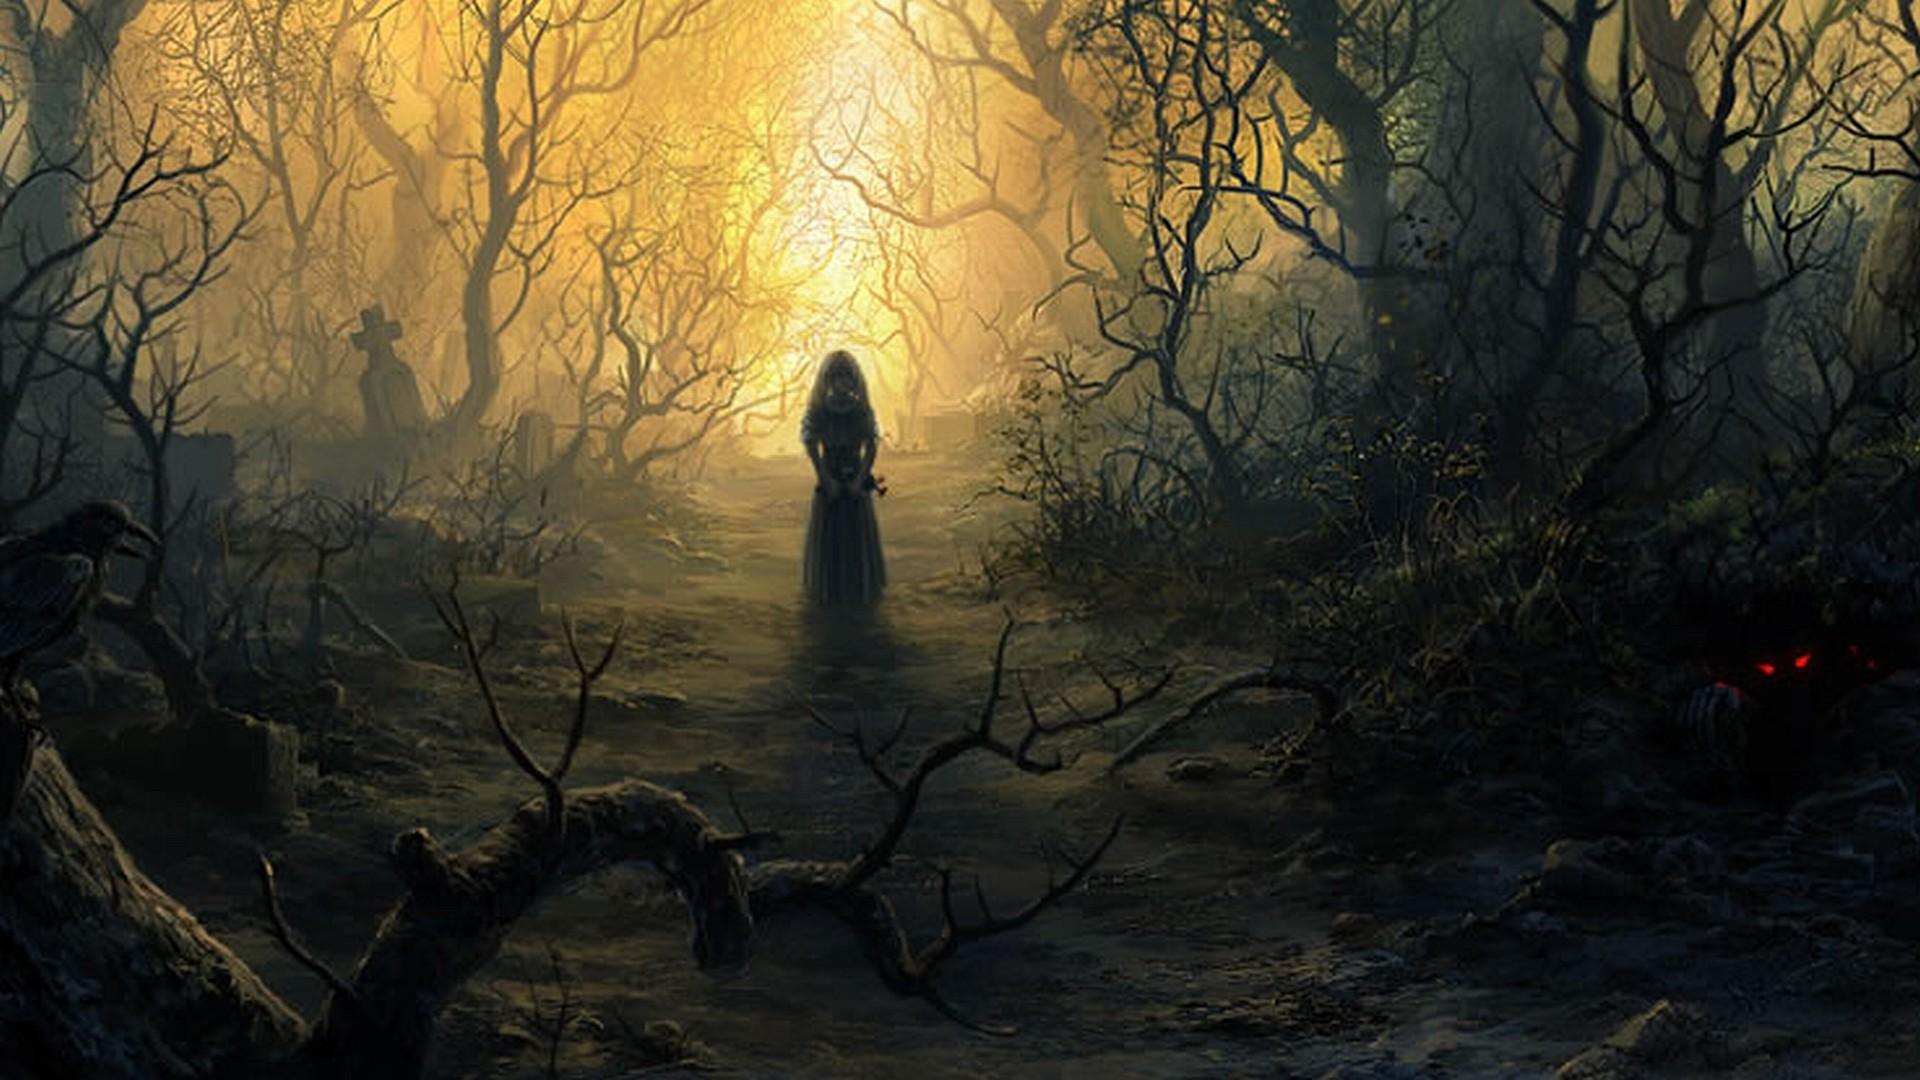 Download Dark Fantasy And Wallpaper   Full HD Wallpapers